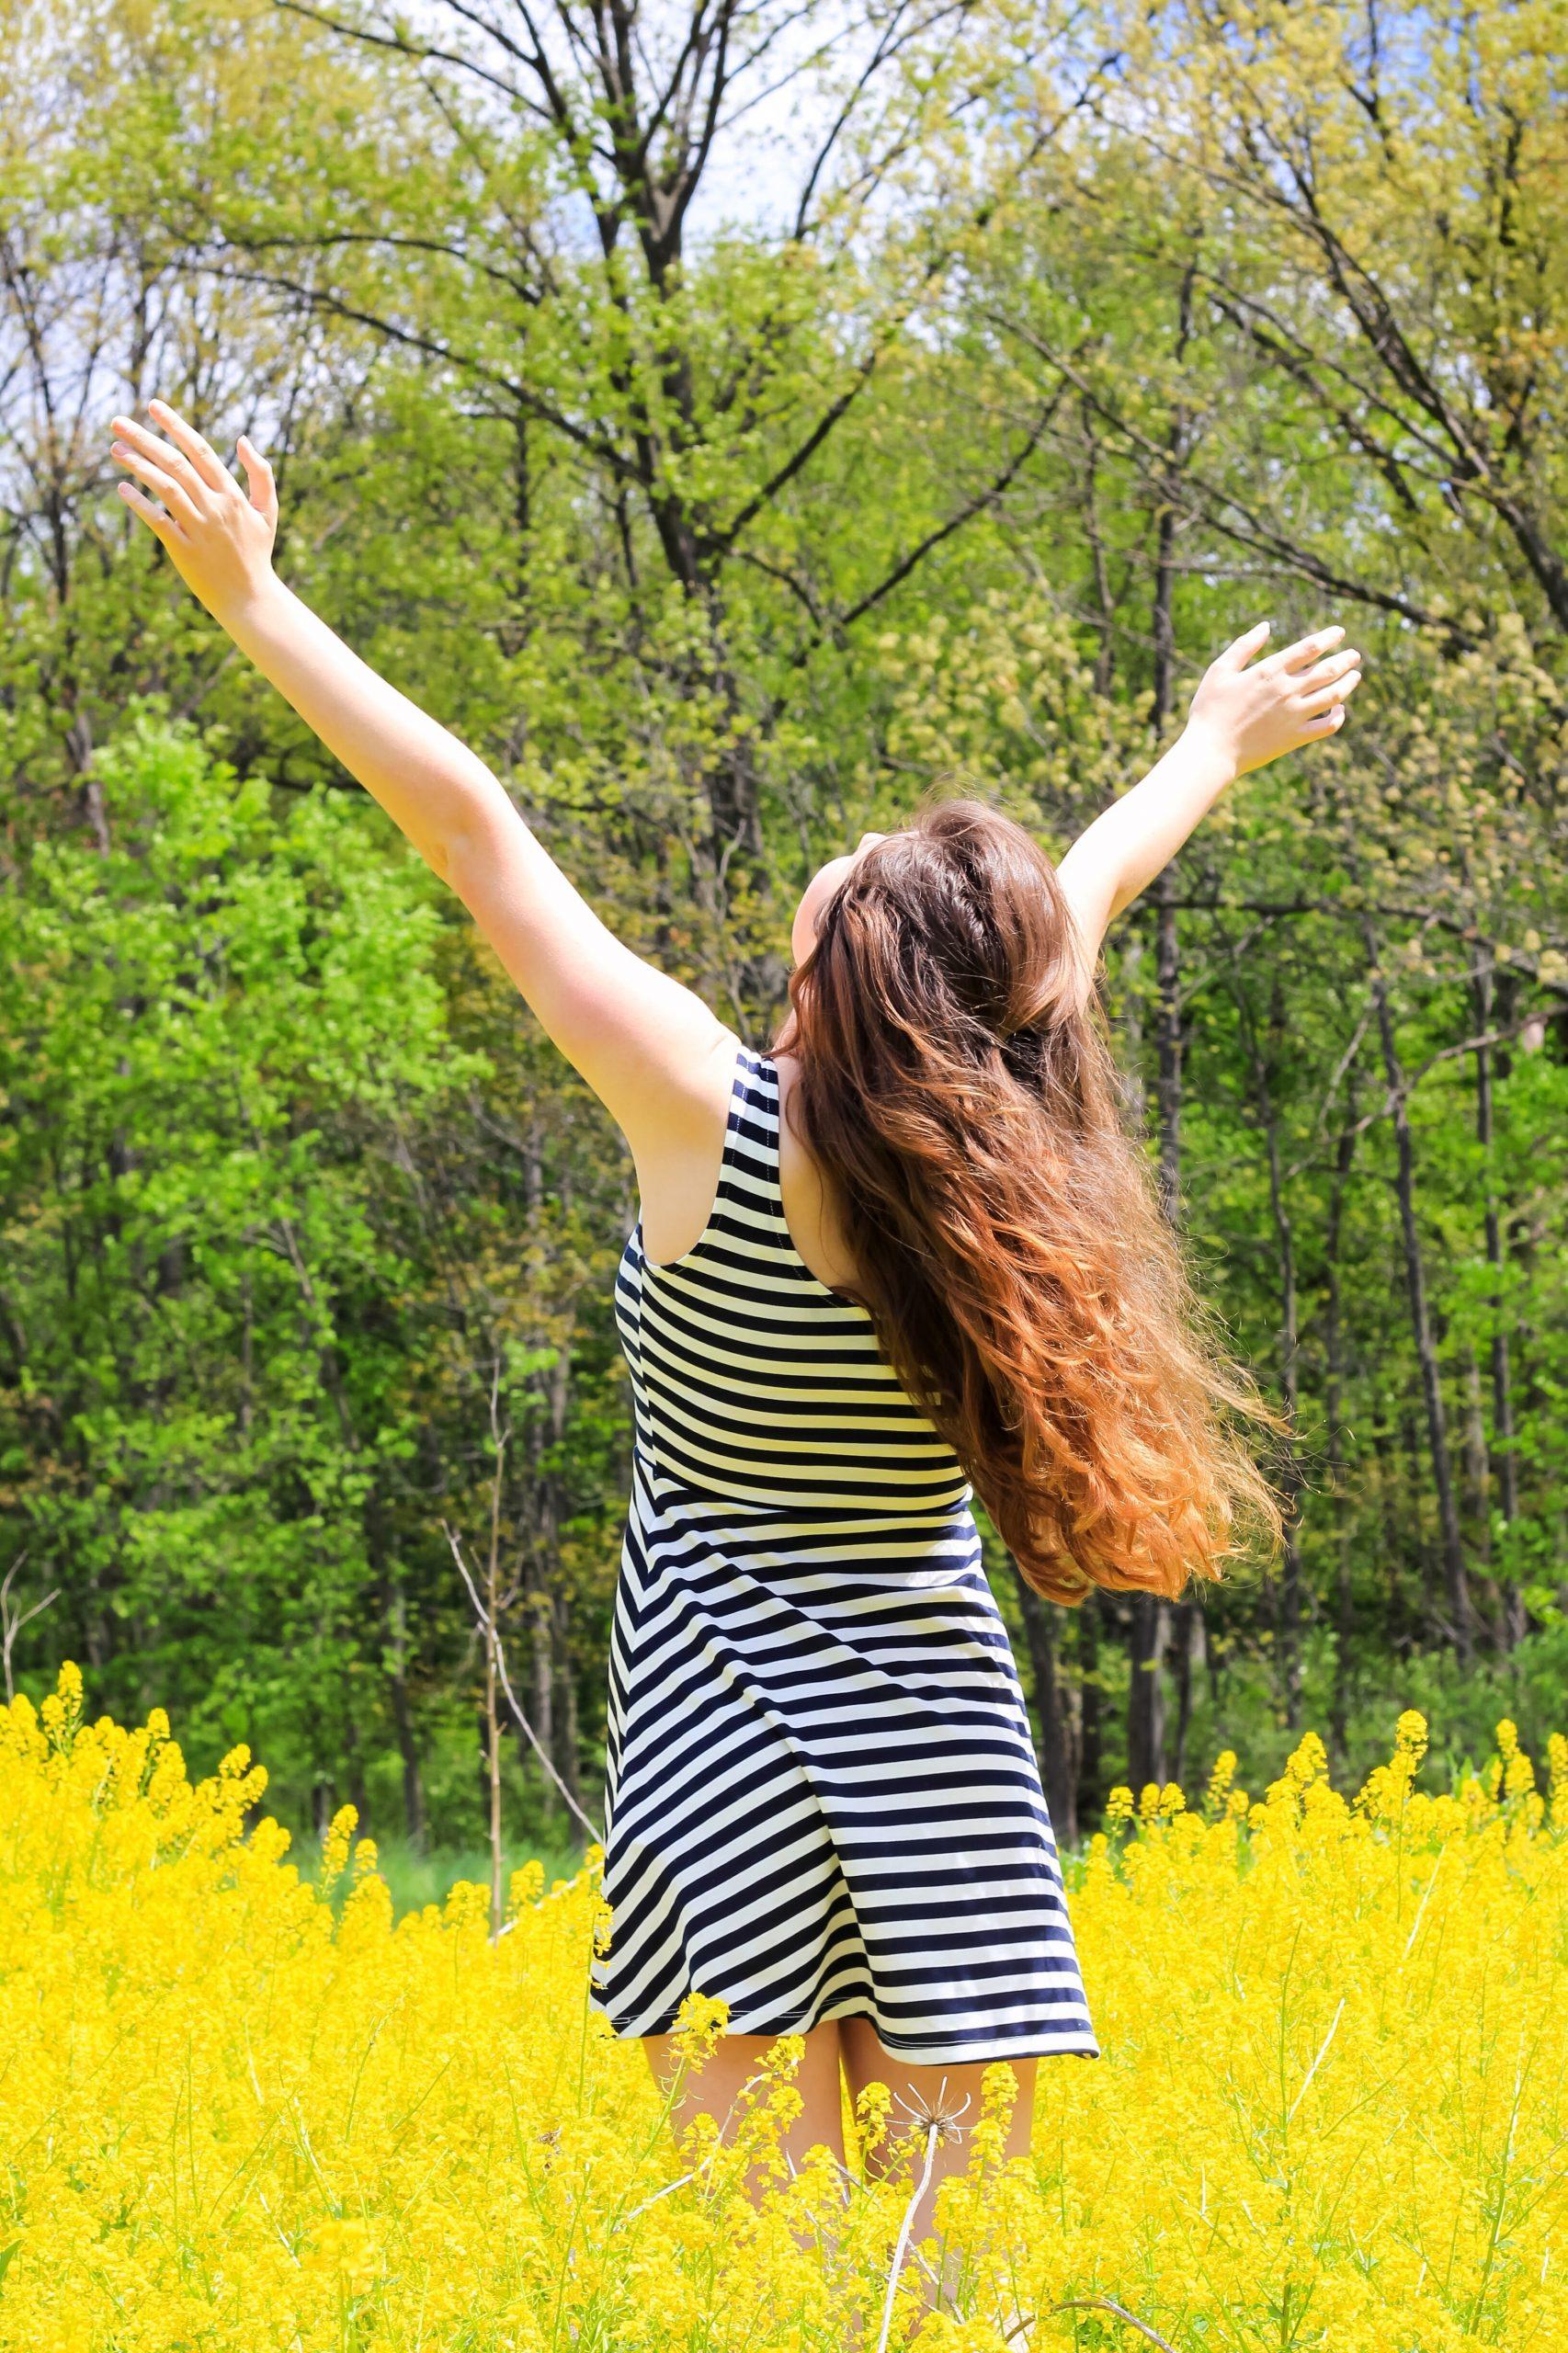 Encare a Vida com Alegria e Gratidão